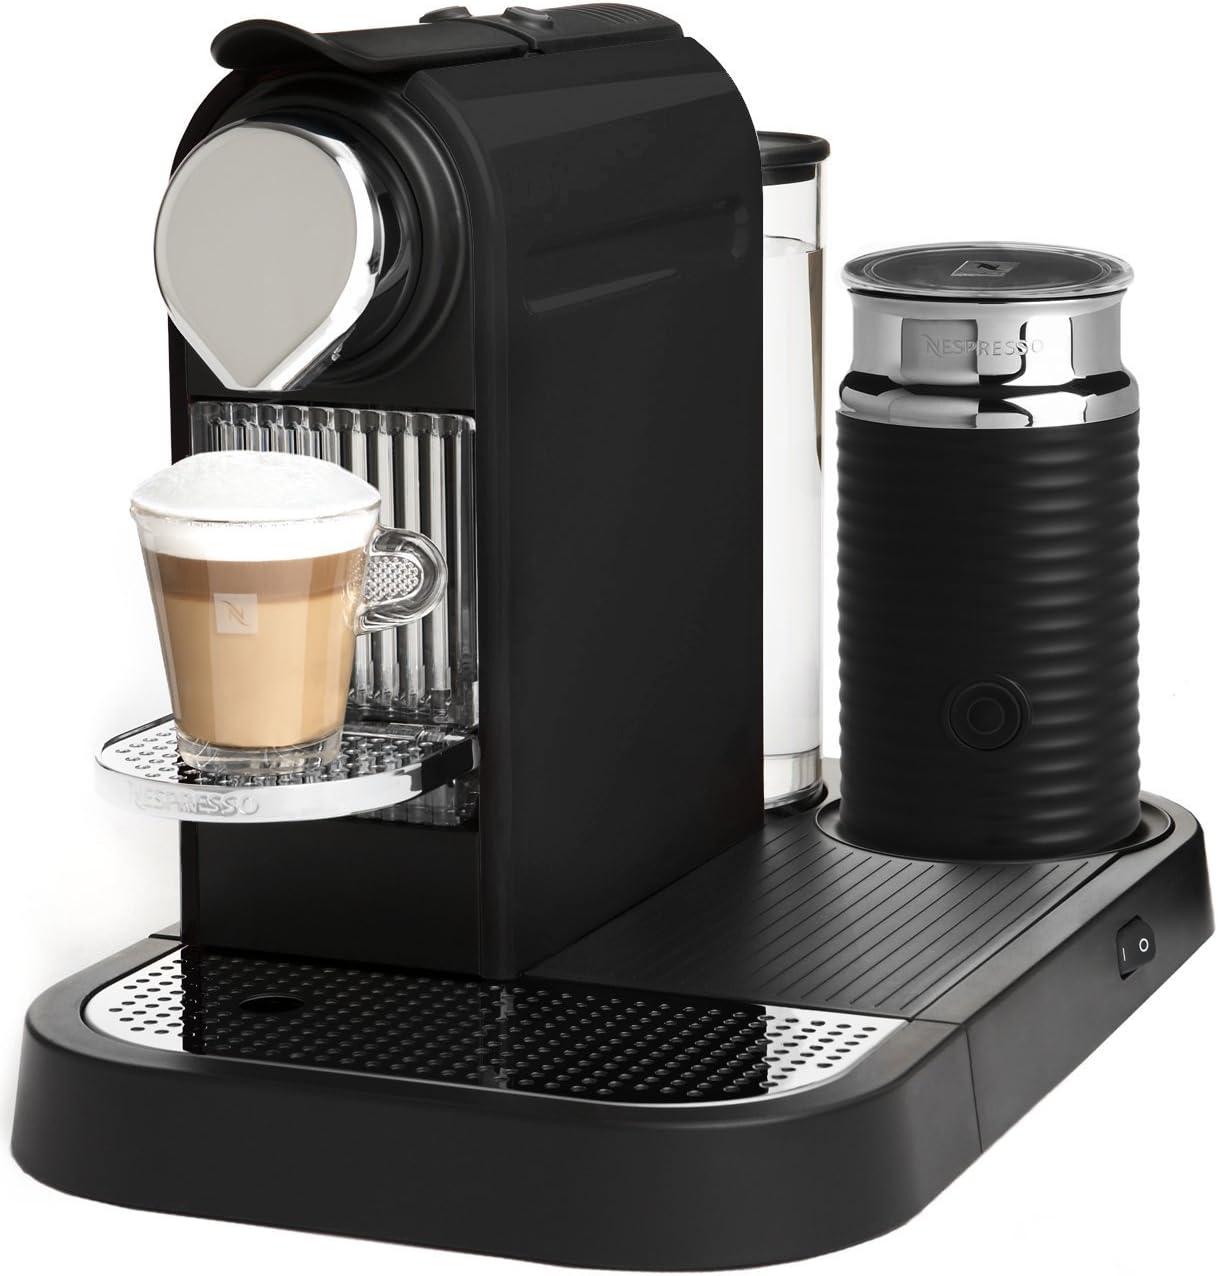 Nespresso D120-US-BK-NE CitiZ Max 72% OFF Automatic Single-Serve Complete Free Shipping Ma Espresso